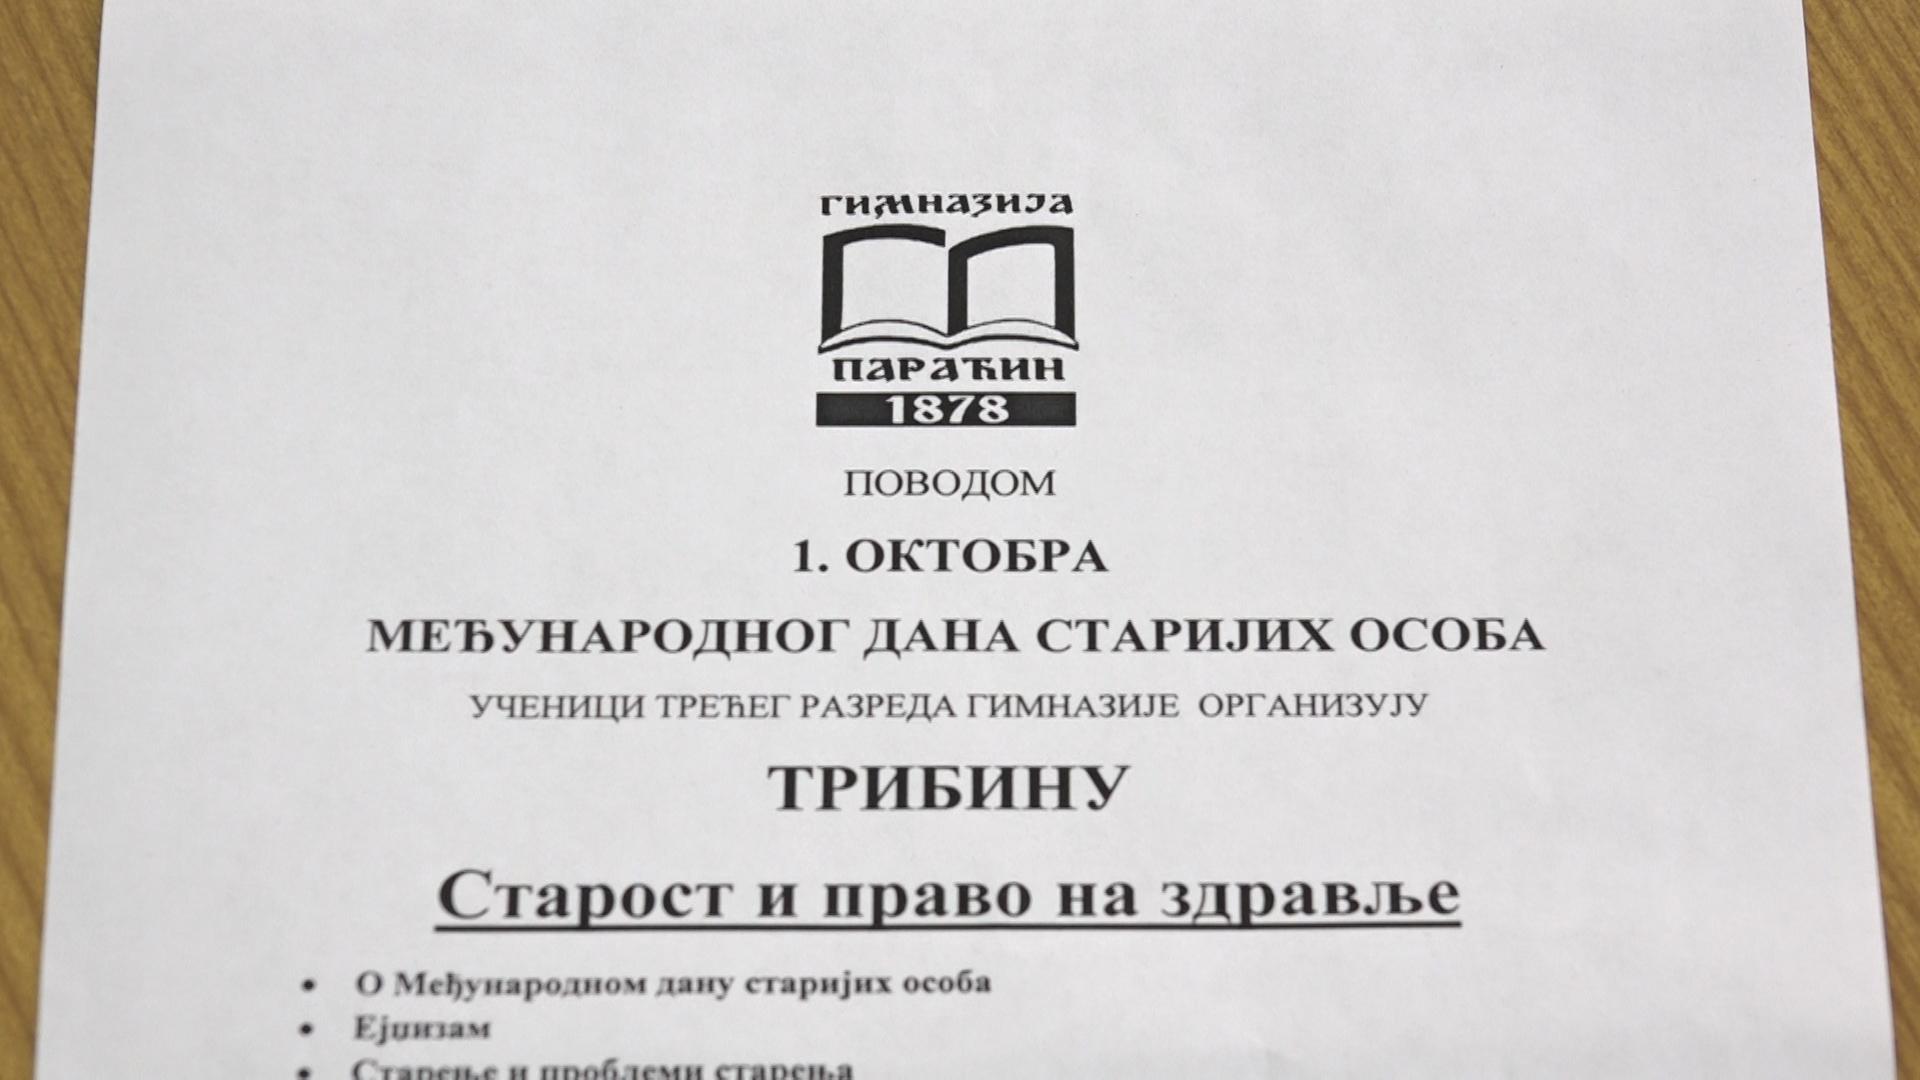 """Tribina u Gimnaziji """"Starost i pravo na zdravlje"""""""